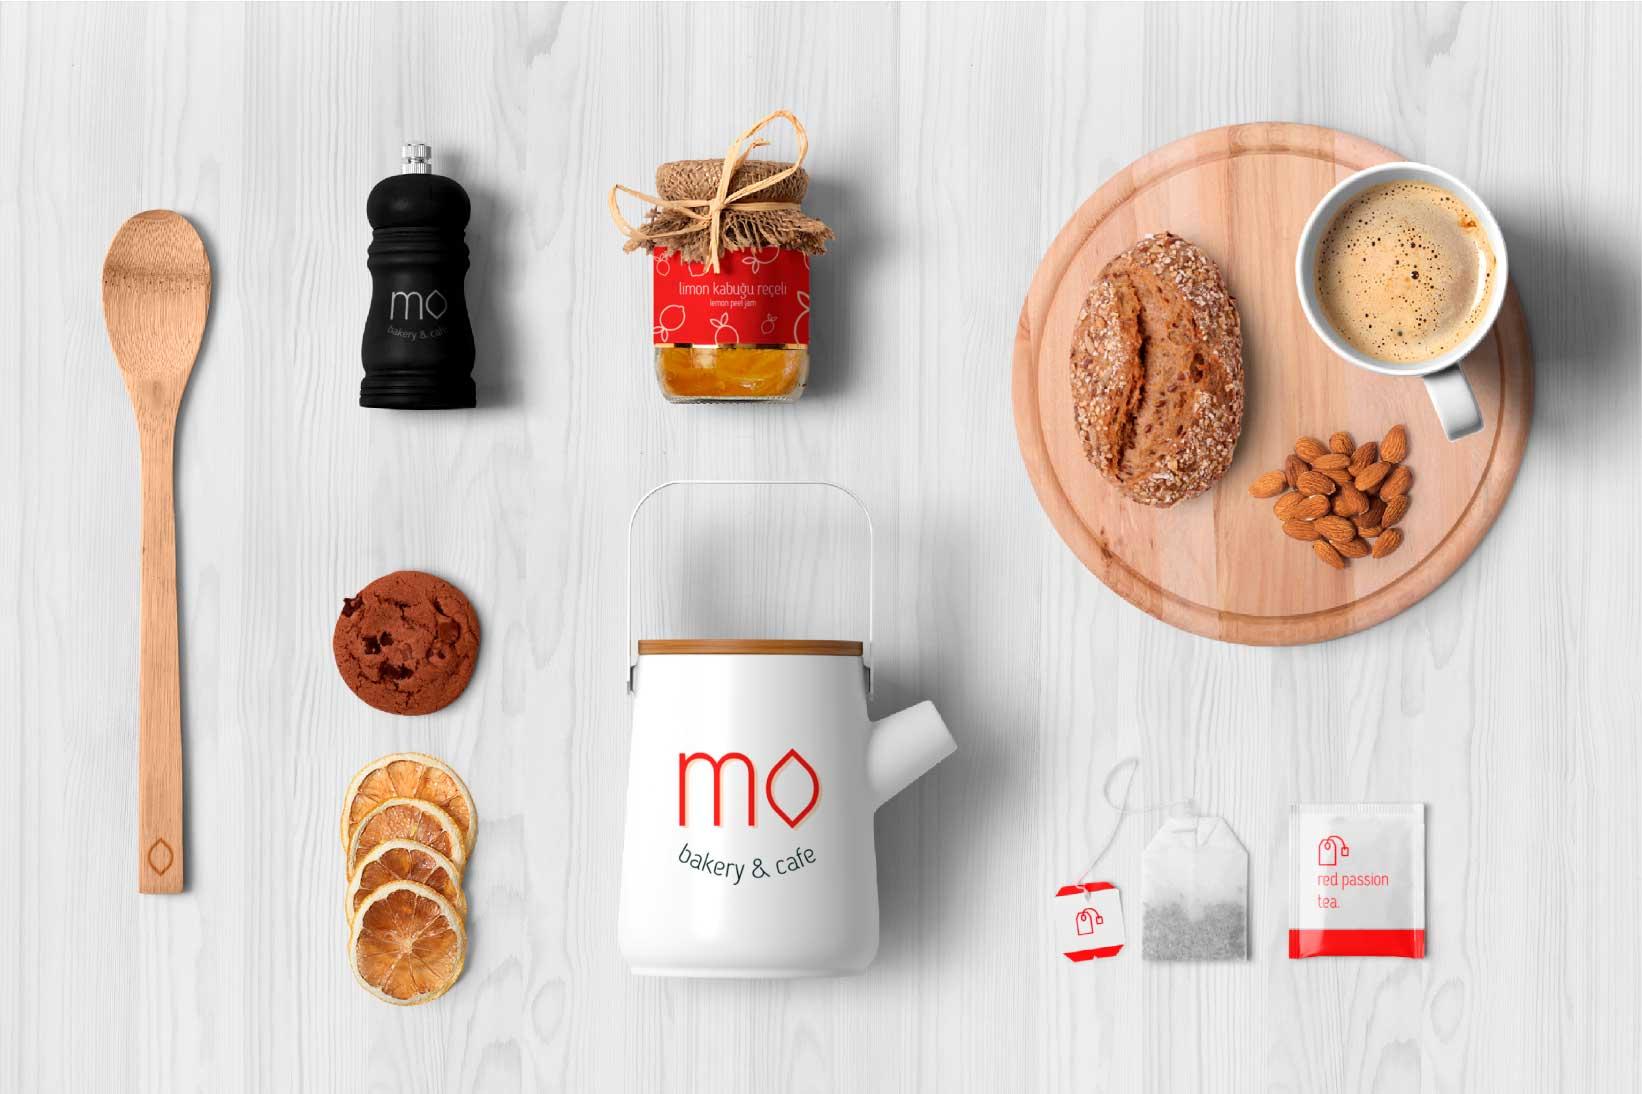 Mo Bakery & Cafe